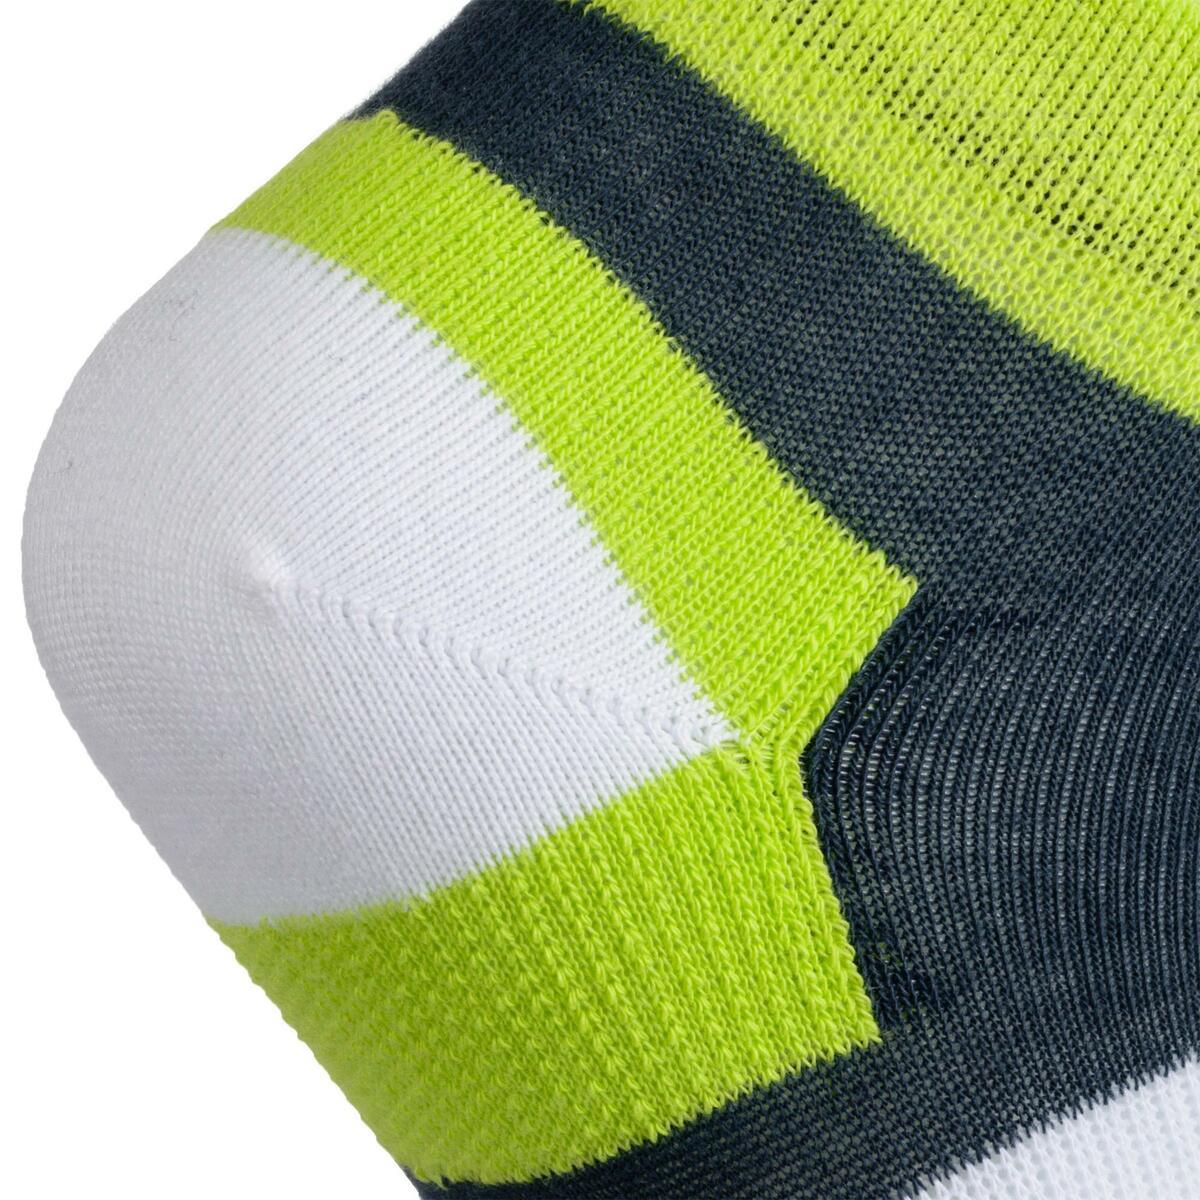 Bild 4 von Tennissocken RS 160 Mid Kinder 3er Pack grau/weiß/gelb